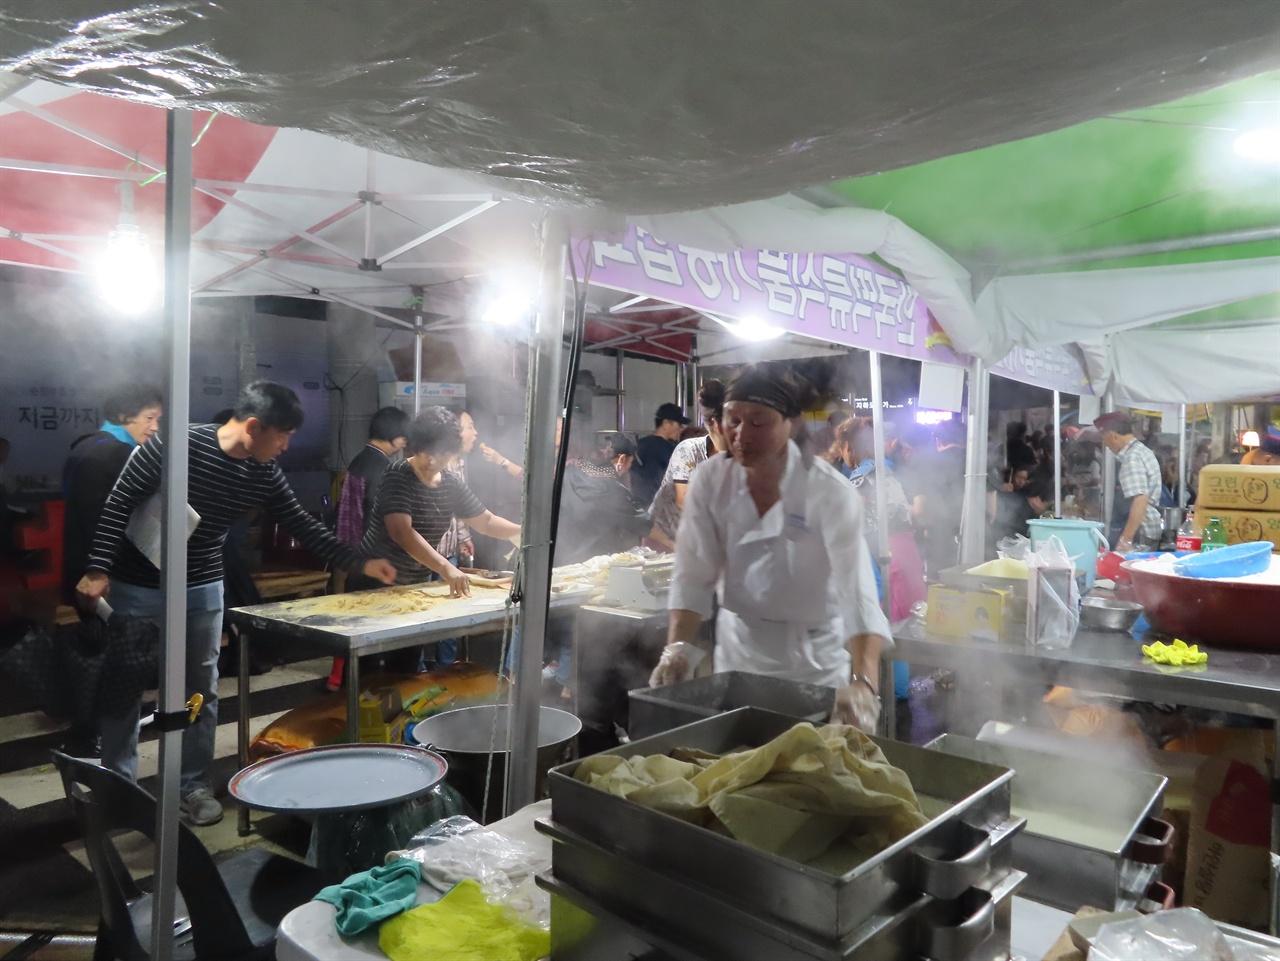 떡 판매 부스 순천푸드앤아트페스벌에서 방문객들이 한국떡류식품가공협회 전남지회 순천지부 회원들이 직접 현장에서 만들어 파는 떡을 맛보고 있다.